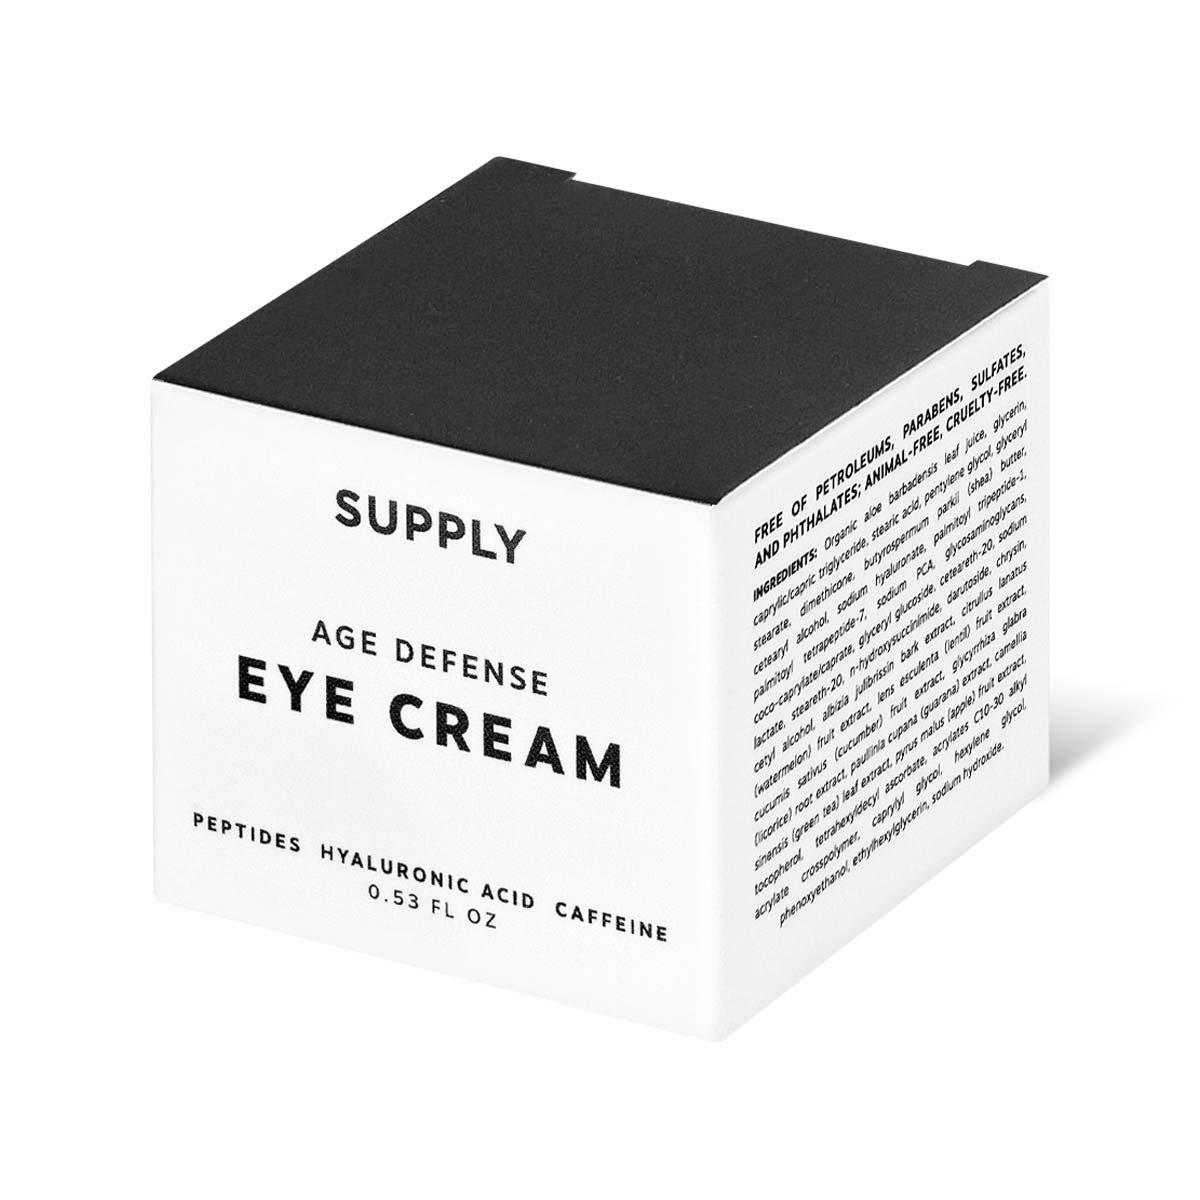 SUPPLY Age Defense Eye Cream 0.53 fl oz